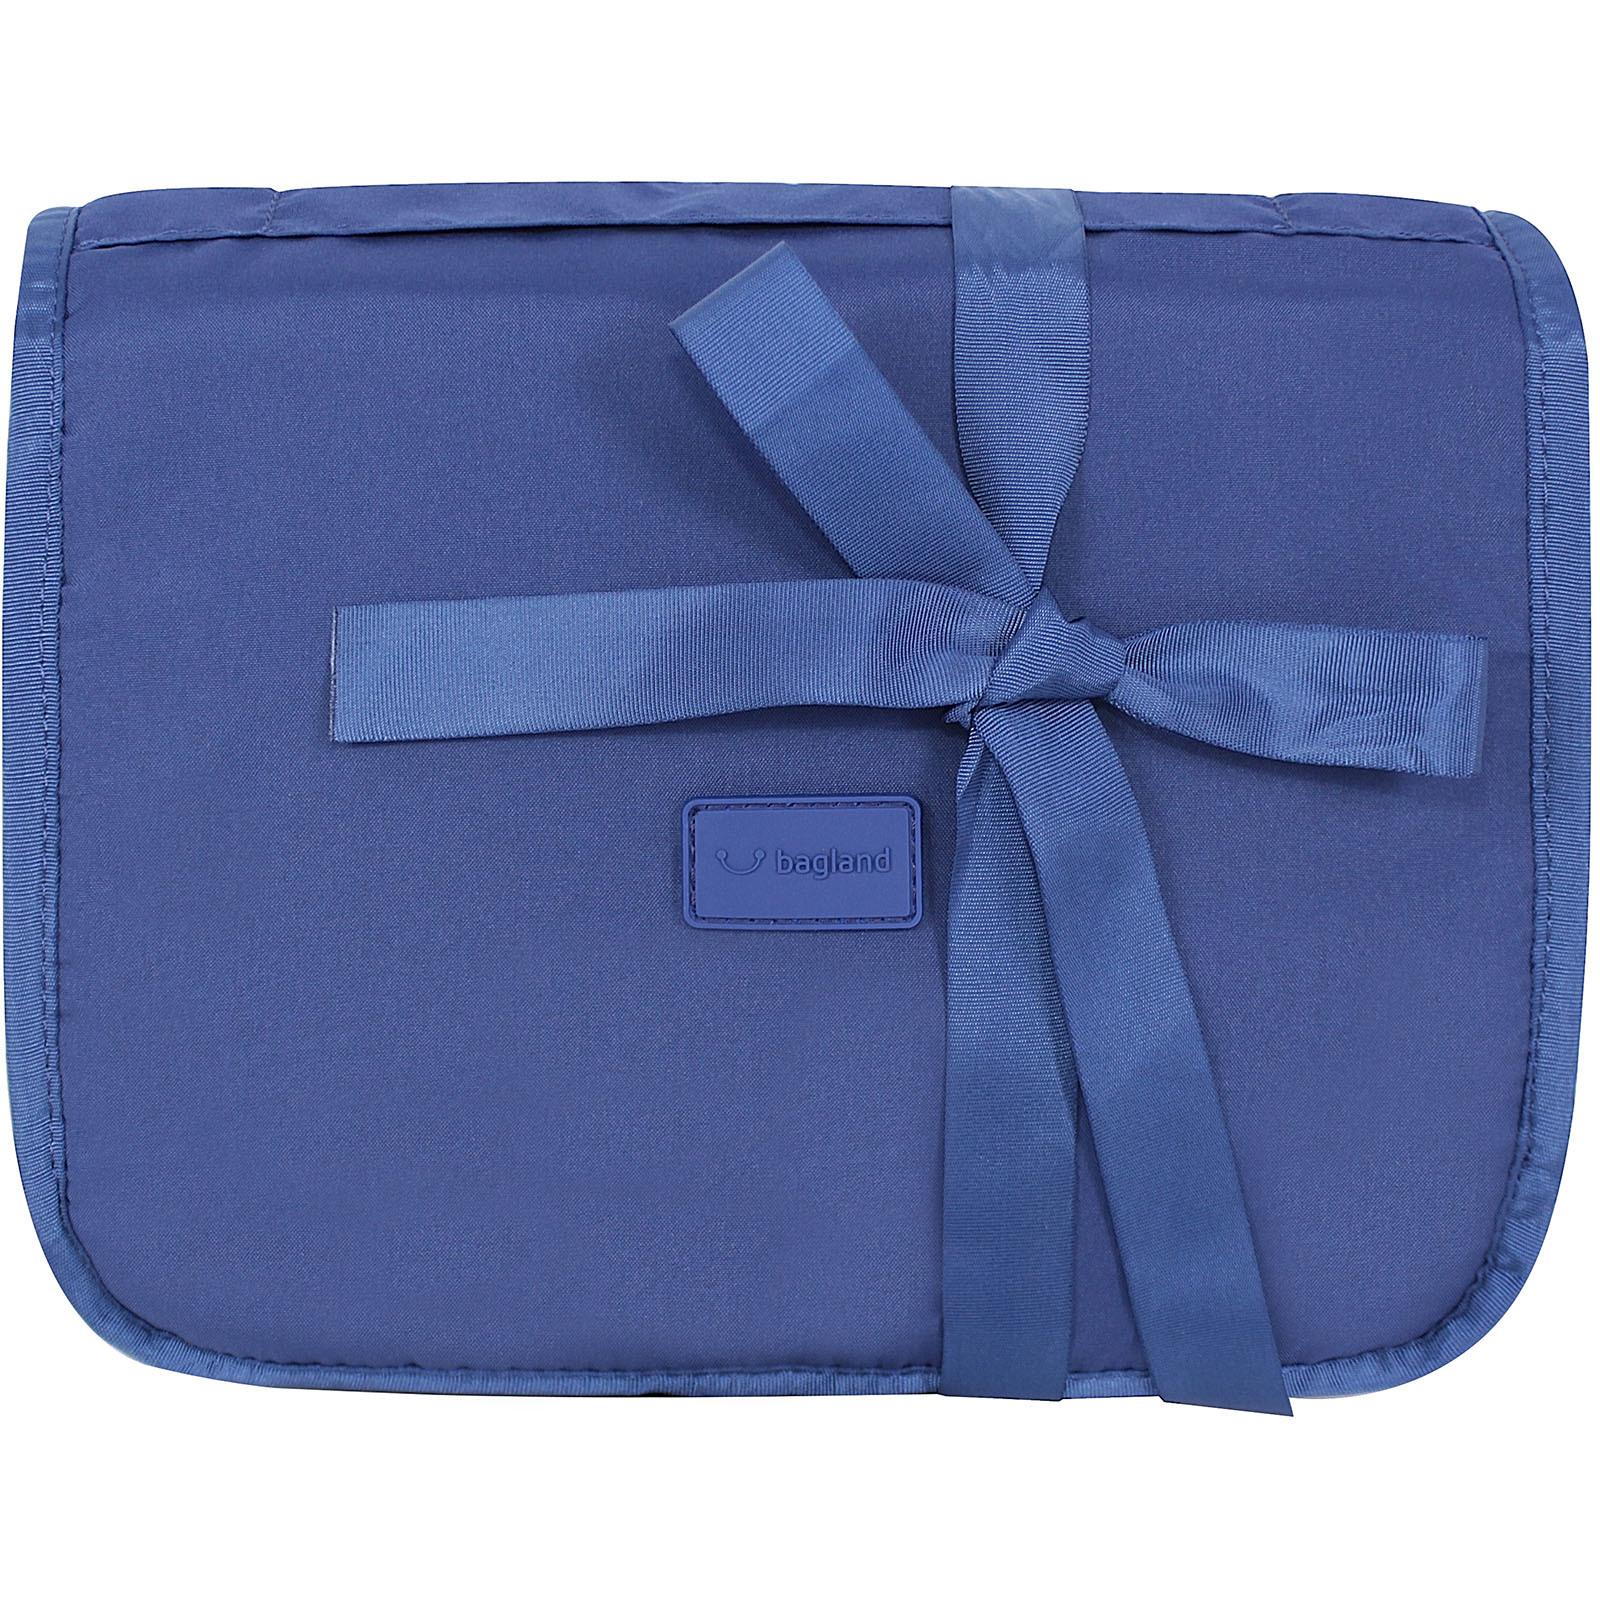 Косметичка Bagland Prestige 4 л. синий (0072315) фото 2